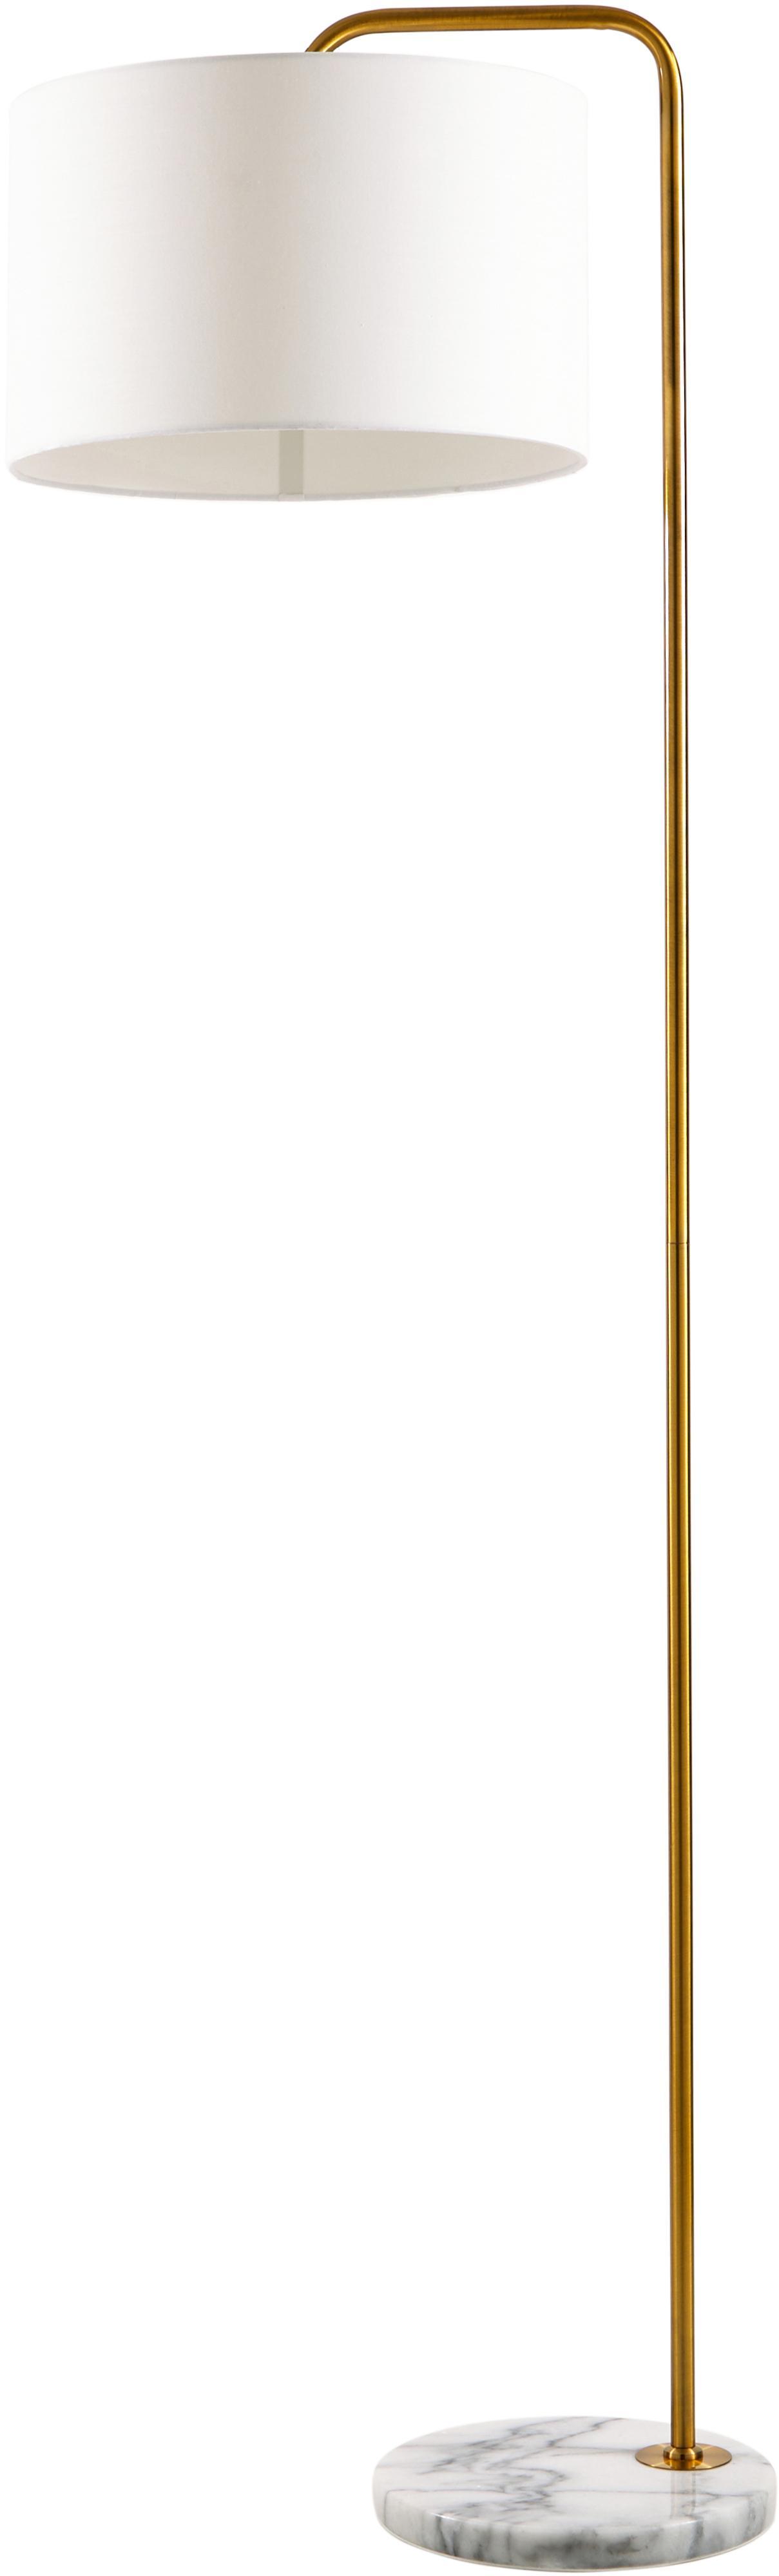 Lampa podłogowa Montreal, Stelaż: metal galwanizowany, Biały, odcienie złotego, Ø 35 x W 155 cm